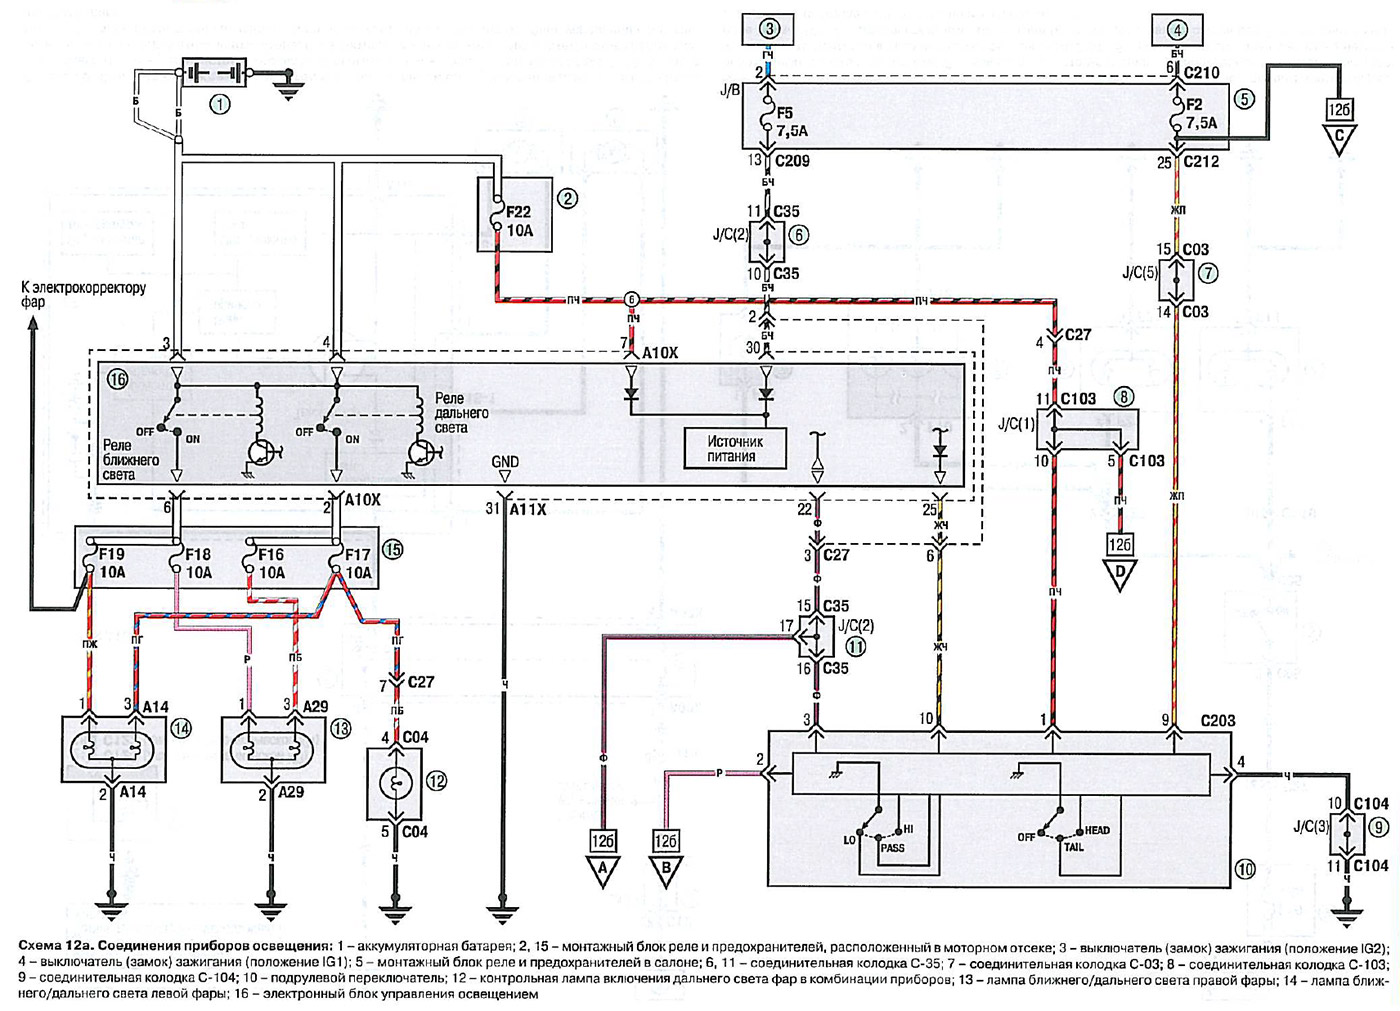 Электрическая схема мицубиси спейс стар фото 936